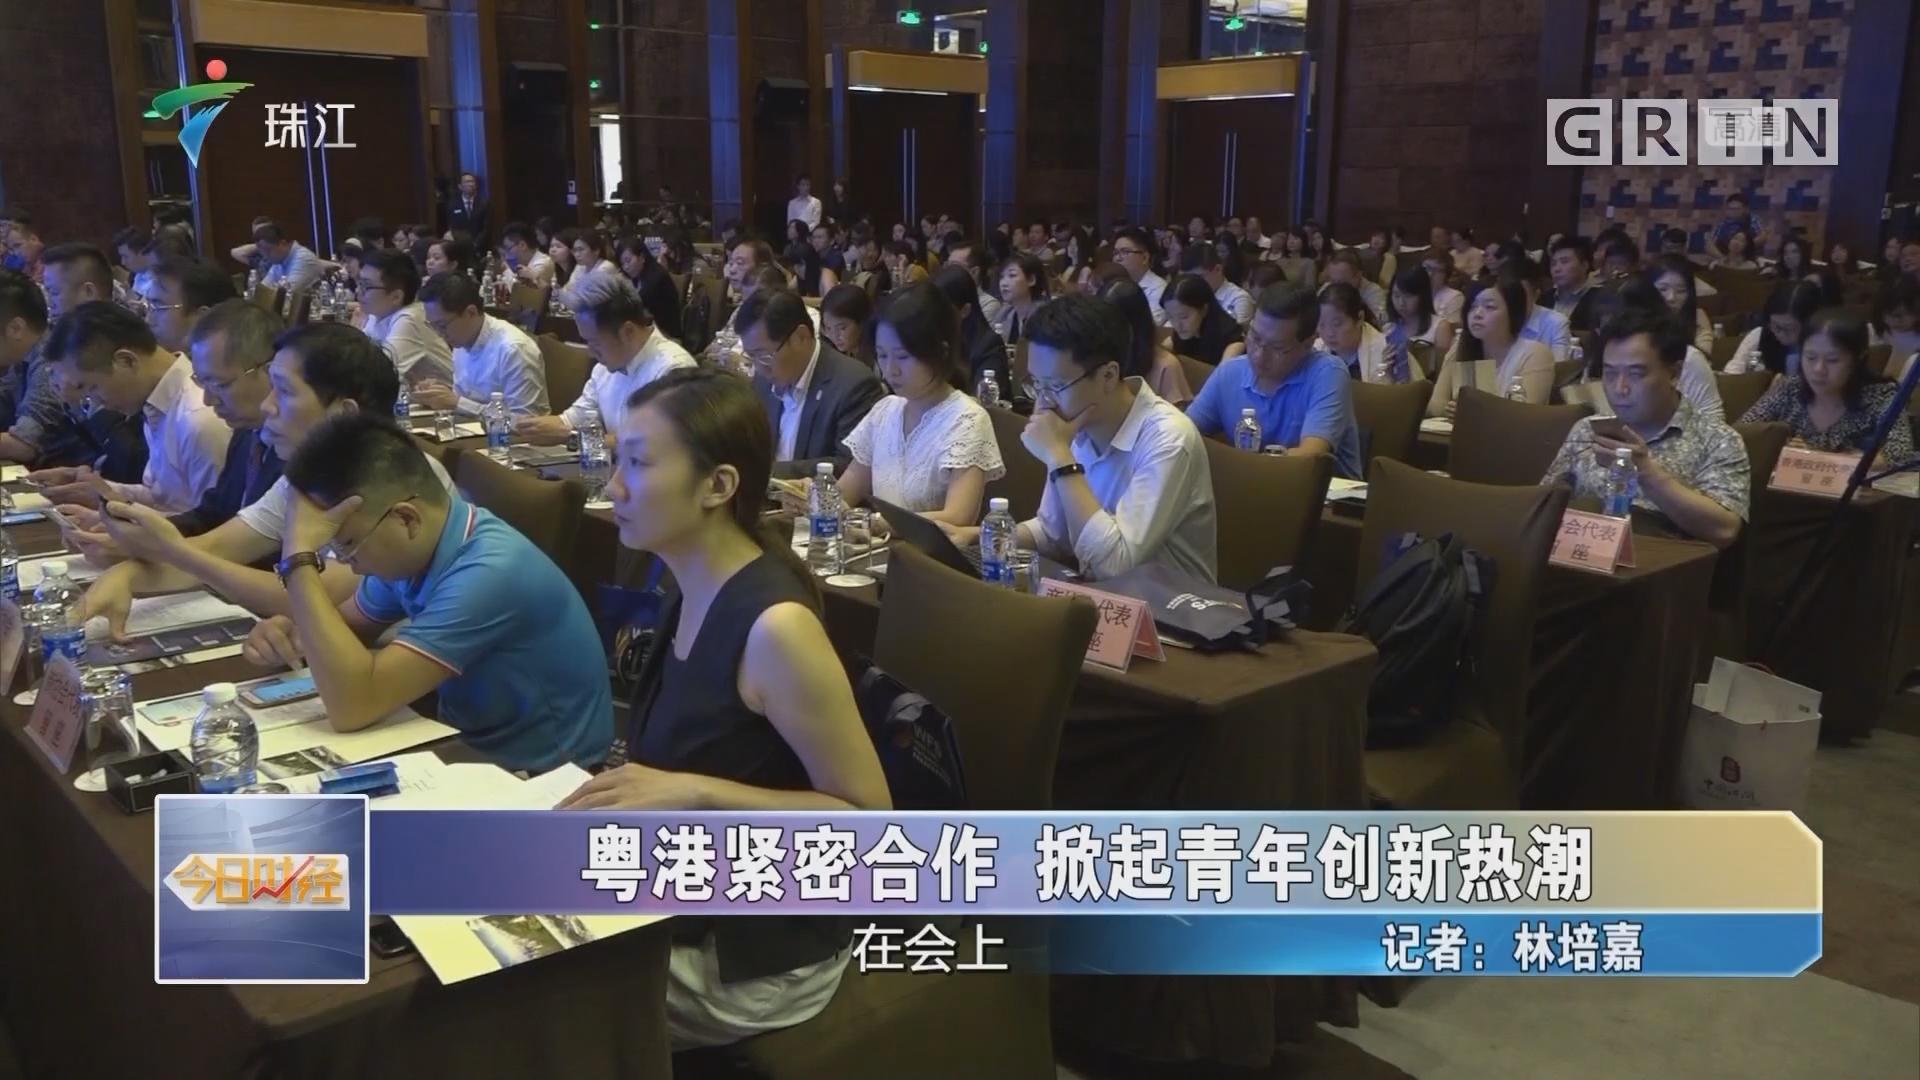 粤港紧密合作 掀起青年创新热潮